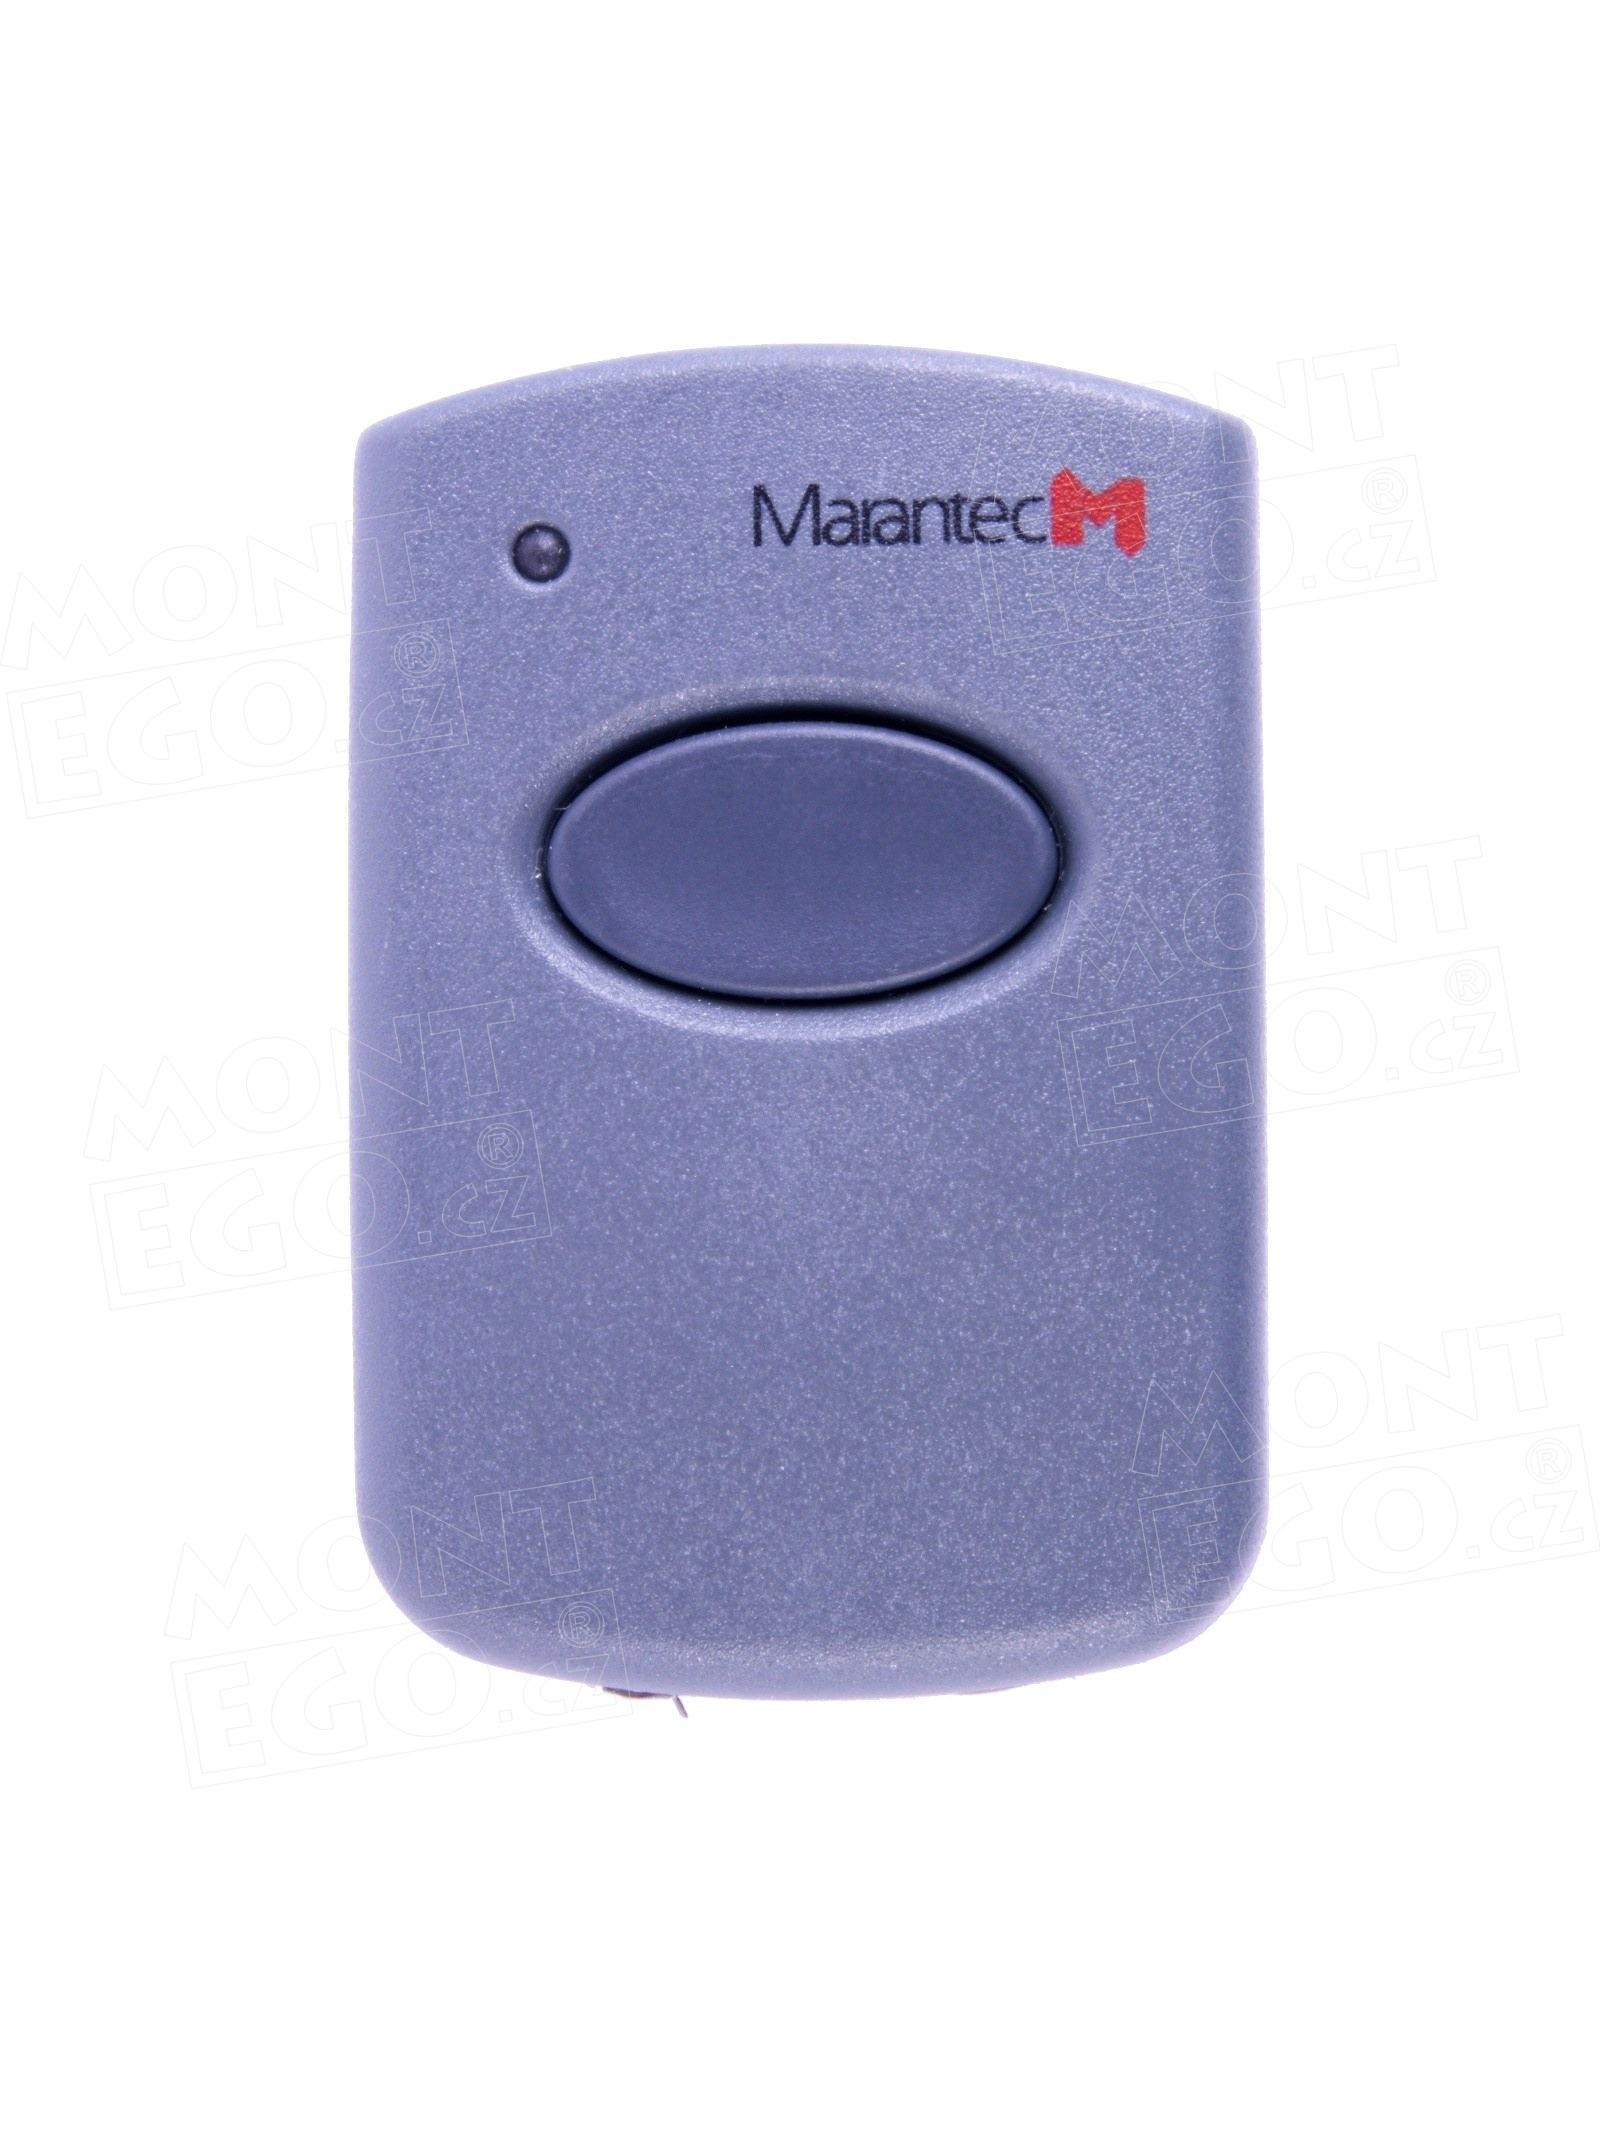 Mini ovládač na vrata, Marantec Digital 321, 1 kanálový dálkový ovladač, 433,92 MHz